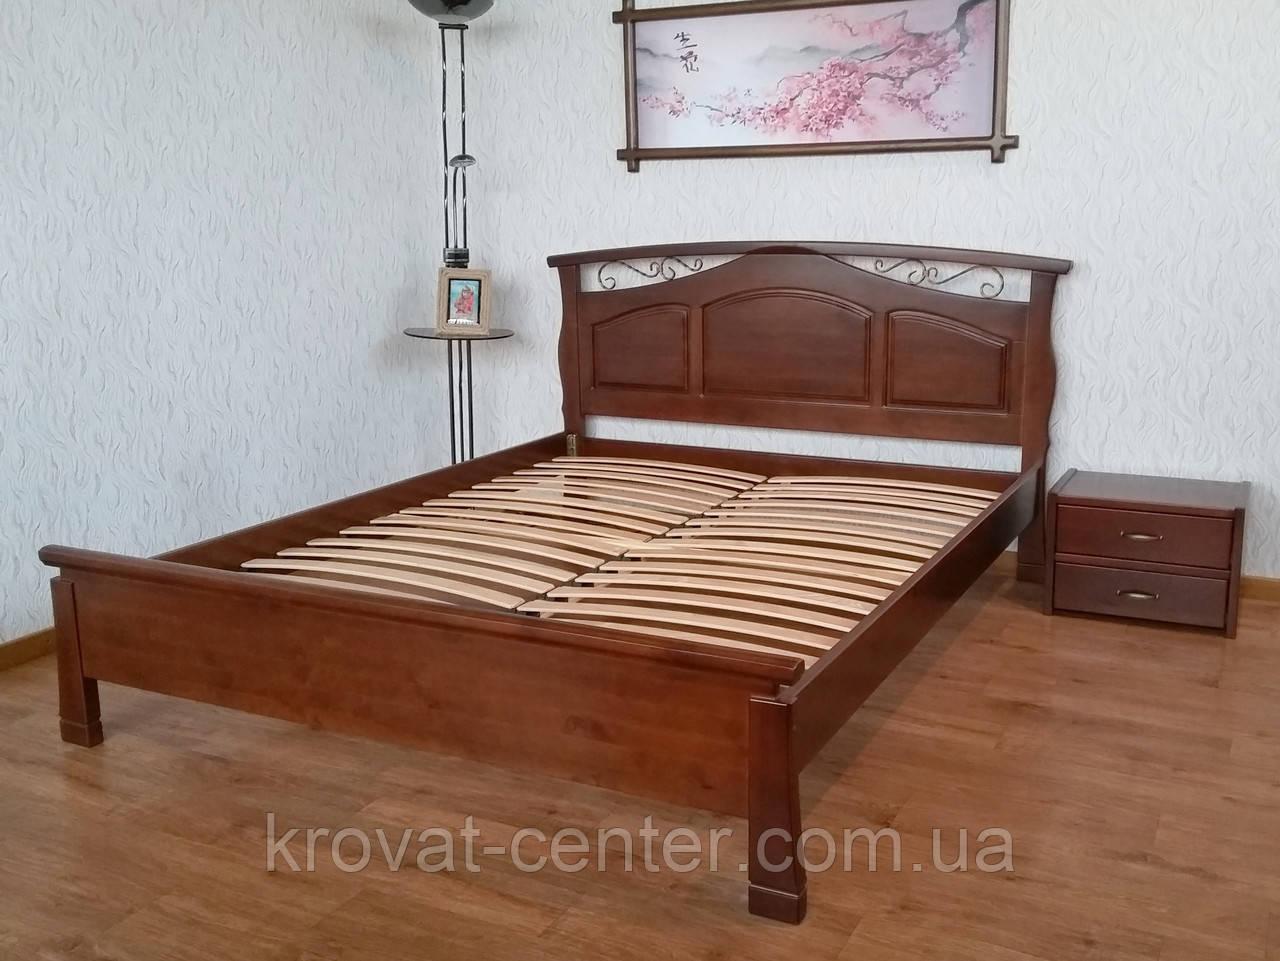 """Спальня из массива натурального дерева от производителя """"Марго"""" (кровать с тумбочками)"""